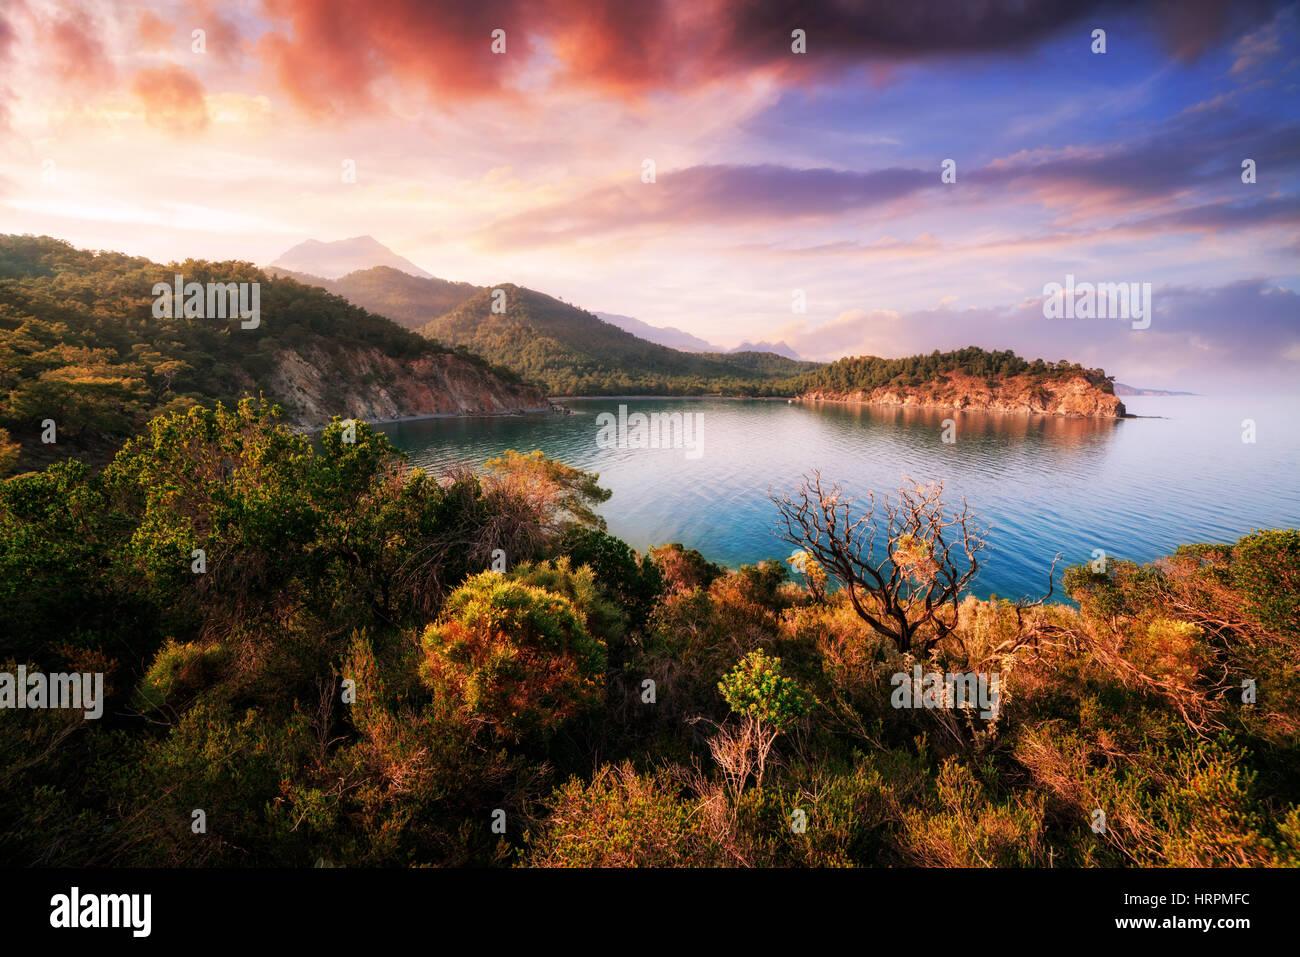 Erstaunliche mediterranen Seenlandschaft in der Türkei Stockbild